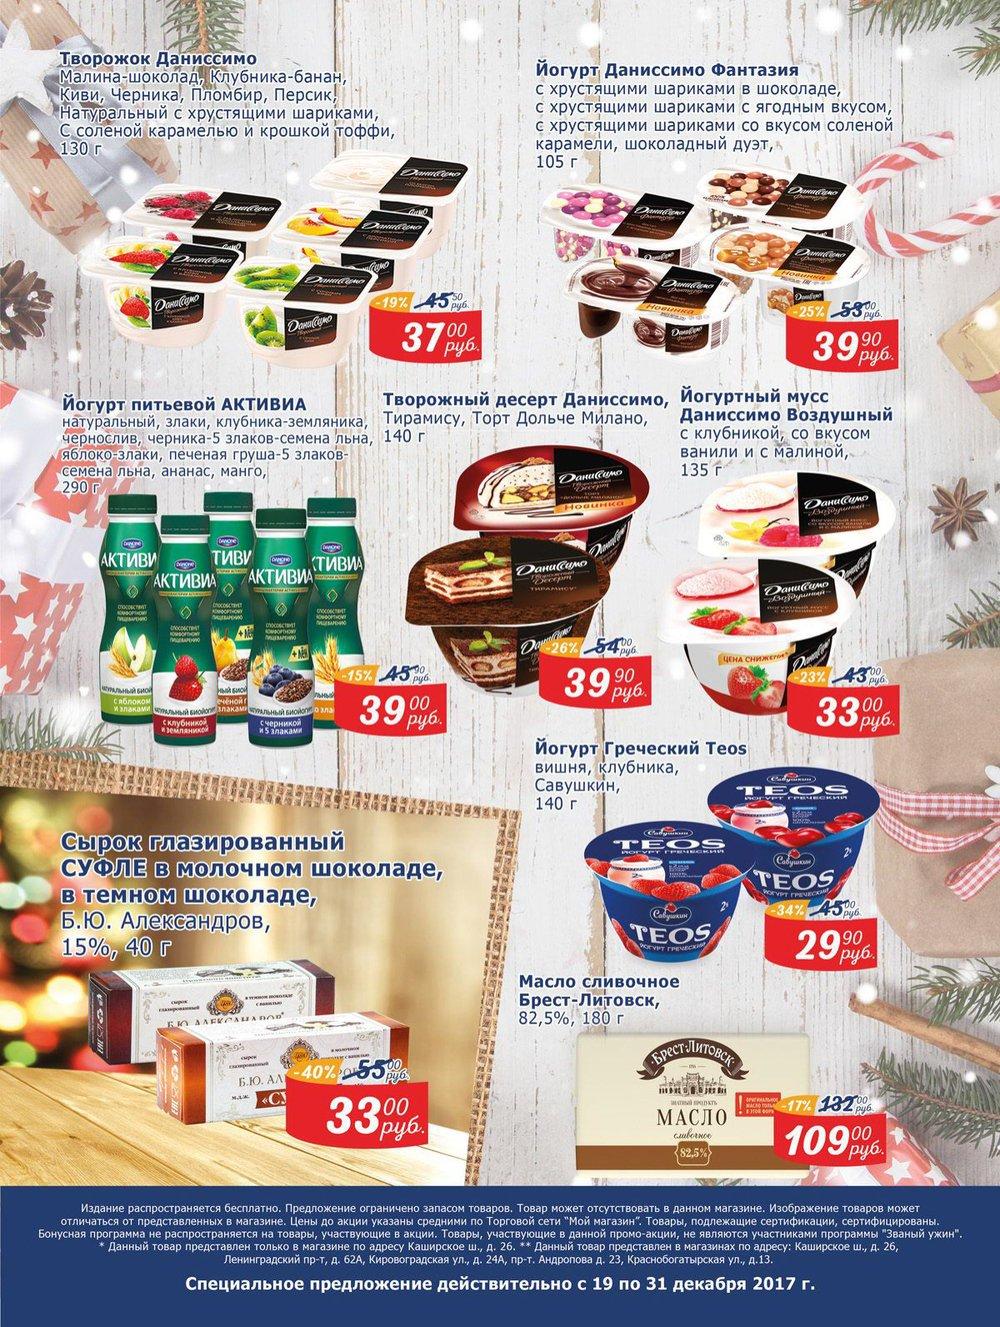 Каталог акций Мой Магазин с 19 по 31 декабря 2017 - стр. 2